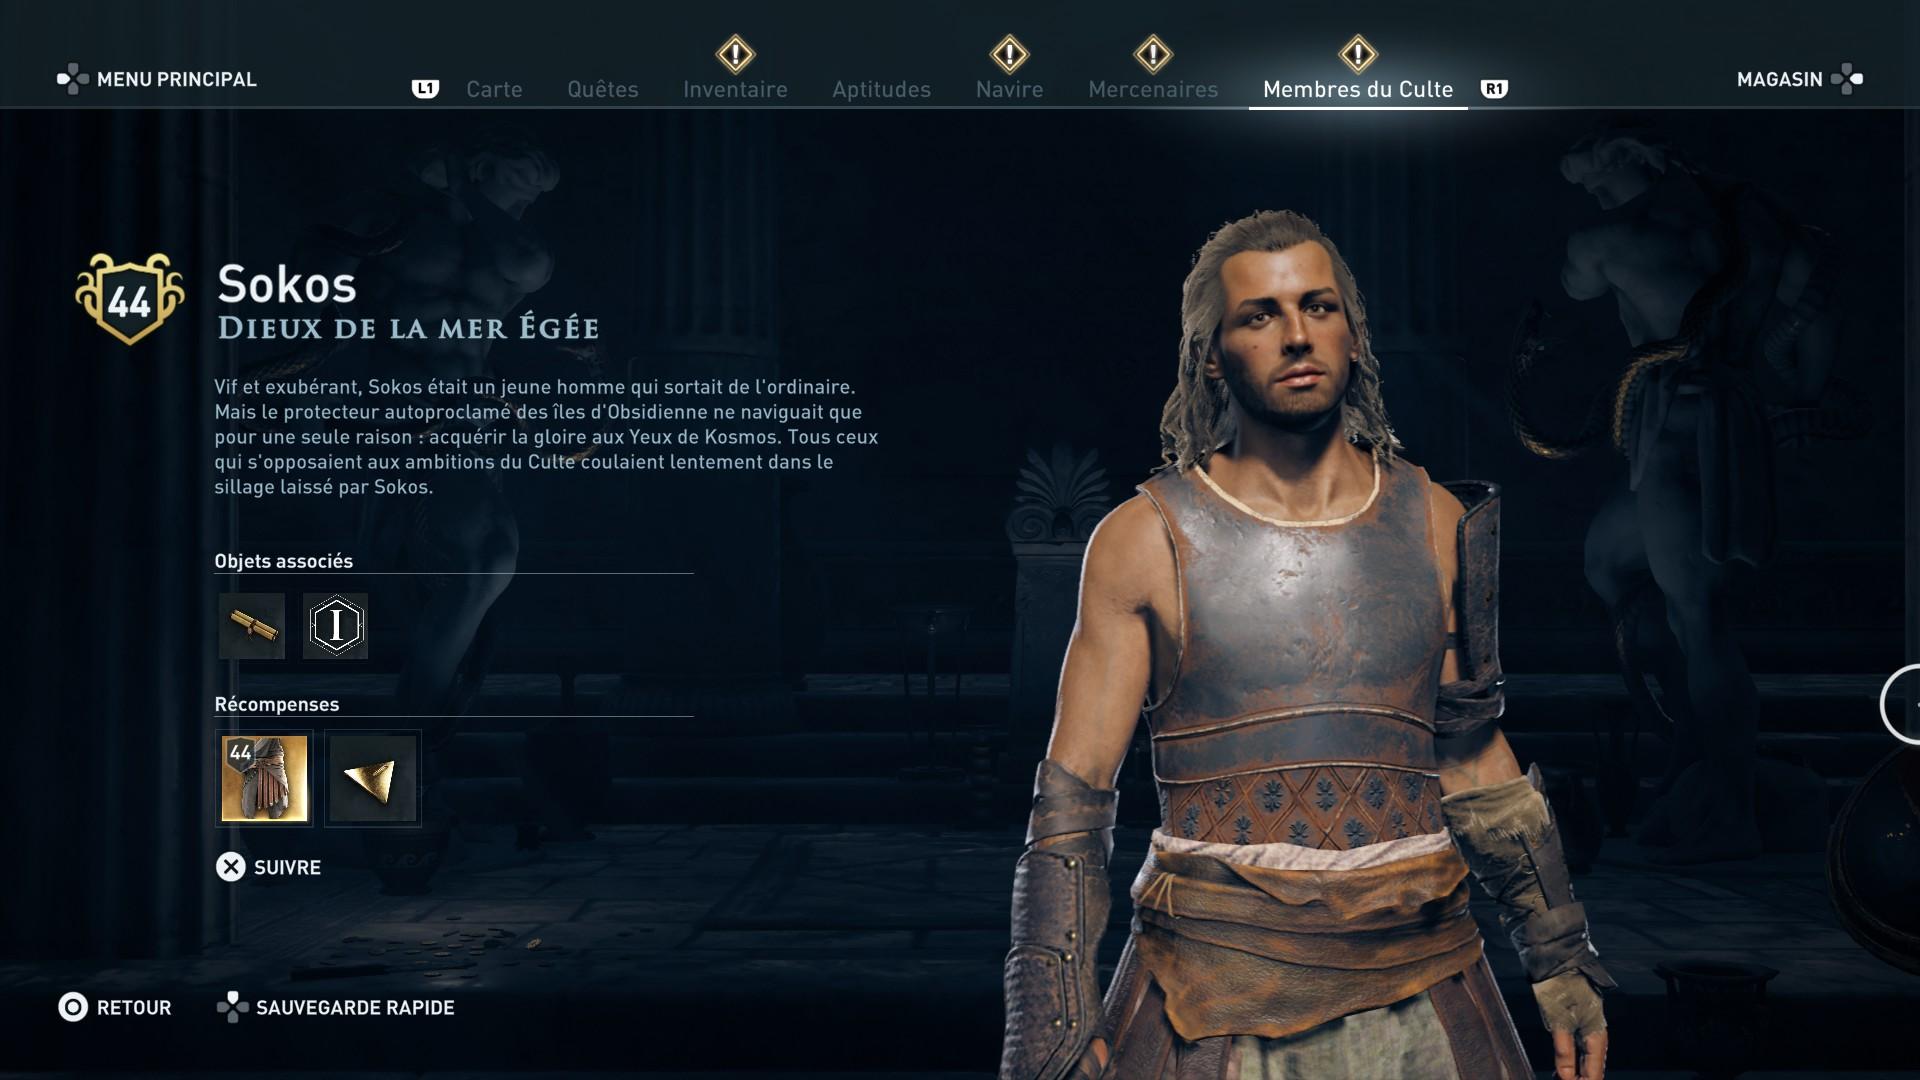 Assassin's Creed Odyssey trouver et tuer les adeptes du culte du Kosmos, ps4, xbox one, pc, ubisoft, jeu vidéo, sokos, dieux de la mer égée